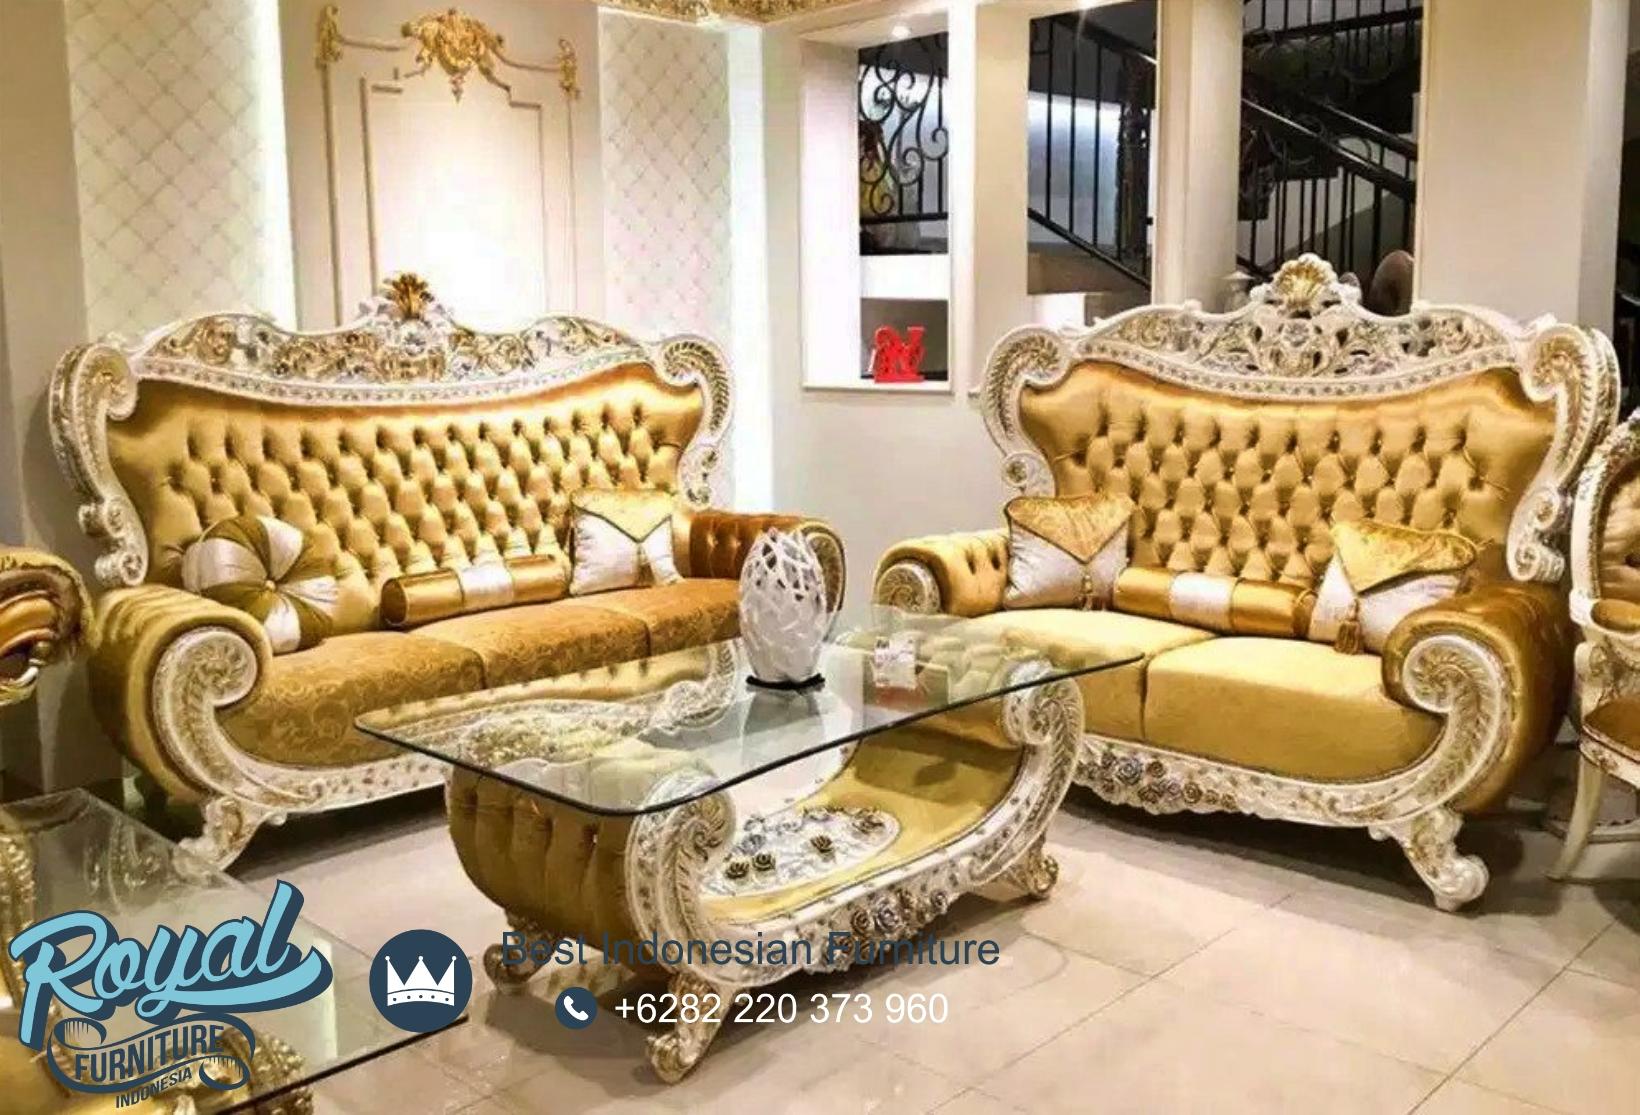 Sofa Tamu Klasik Eropa Luxury Gold, sofa tamu mewah terbaru, sofa klasik mewah, sofa tamu jati jepara, sofa mewah kulit asli, sofa mewah modern, model sofa mewah dan elegan, sofa mewah minimalis terbaru, jual sofa mewah murah, harga sofa terbaru jati jepara, gambar sofa mewah, sofa ruang tamu mewah dan luas, sofa ruang tamu ukir jepara terbaru, kursi tamu jati jepara terbaru, sofa tamu klasik mewah, sofa tamu mewah, sofa ruang tamu terbaru, kursi ruang tamu mewah, sofa mewah modern, sofa ruang tamu kecil, sofa ruang tamu elegan, desain sofa ruang tamu klasik eropa, toko furniture jepara, jual furniture jati jepara, mebel jepara terbaru, royal furniture